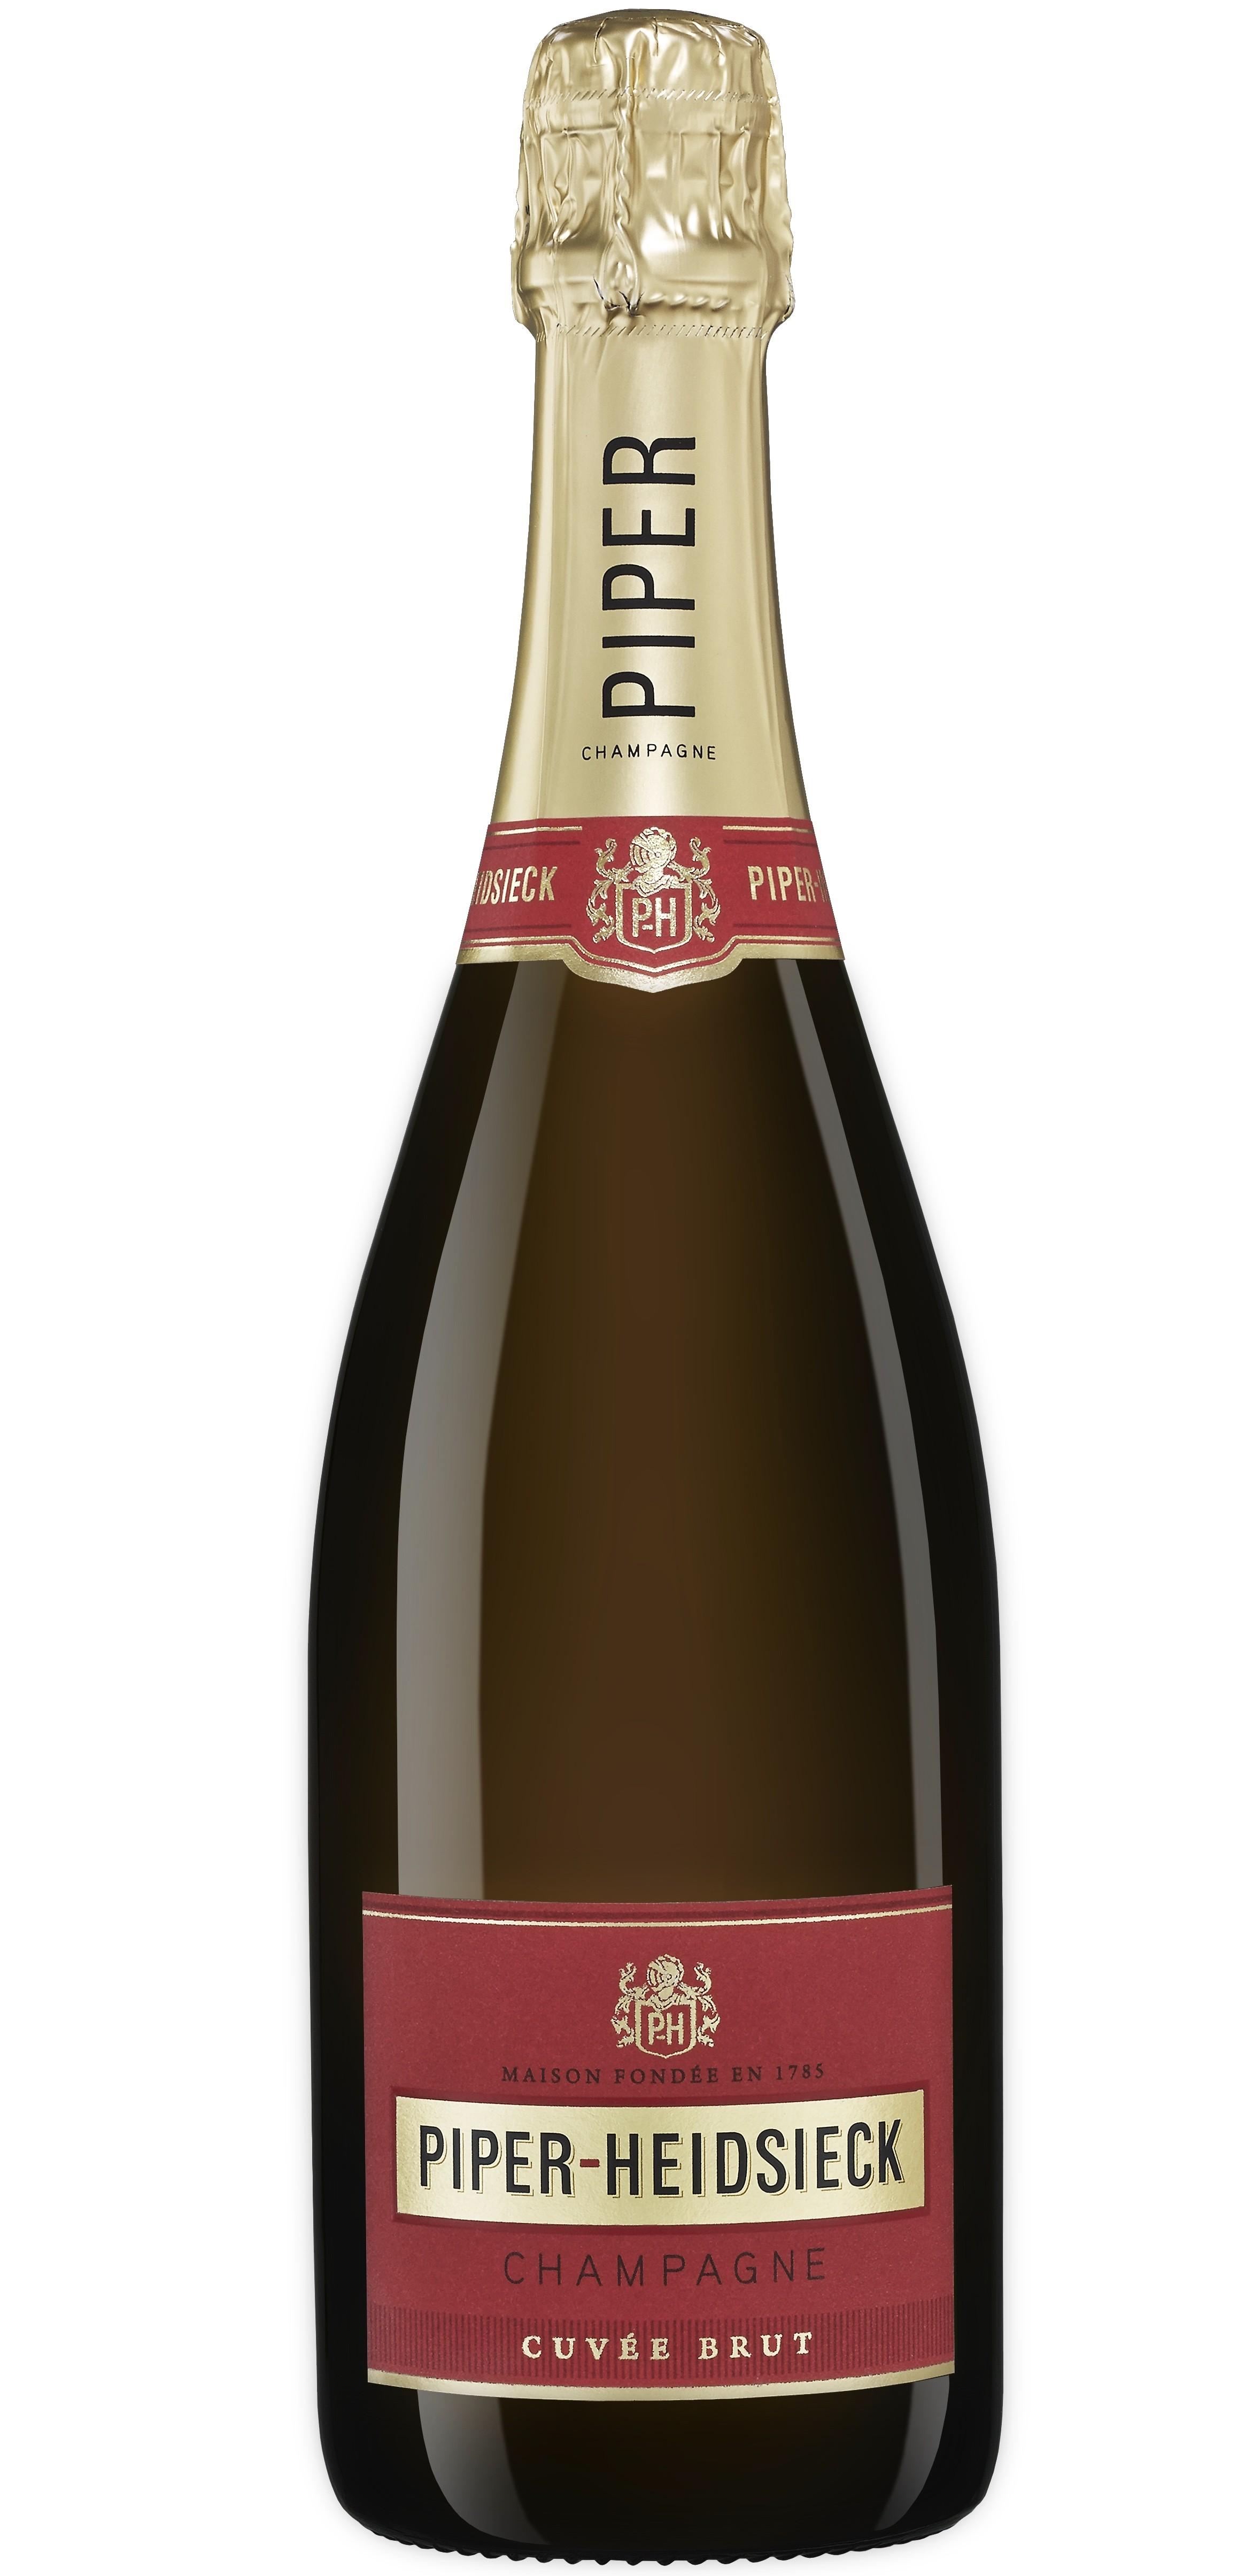 Piper-Heidsieck Cuvée Brut Magnum Piper Heidsieck Champagne